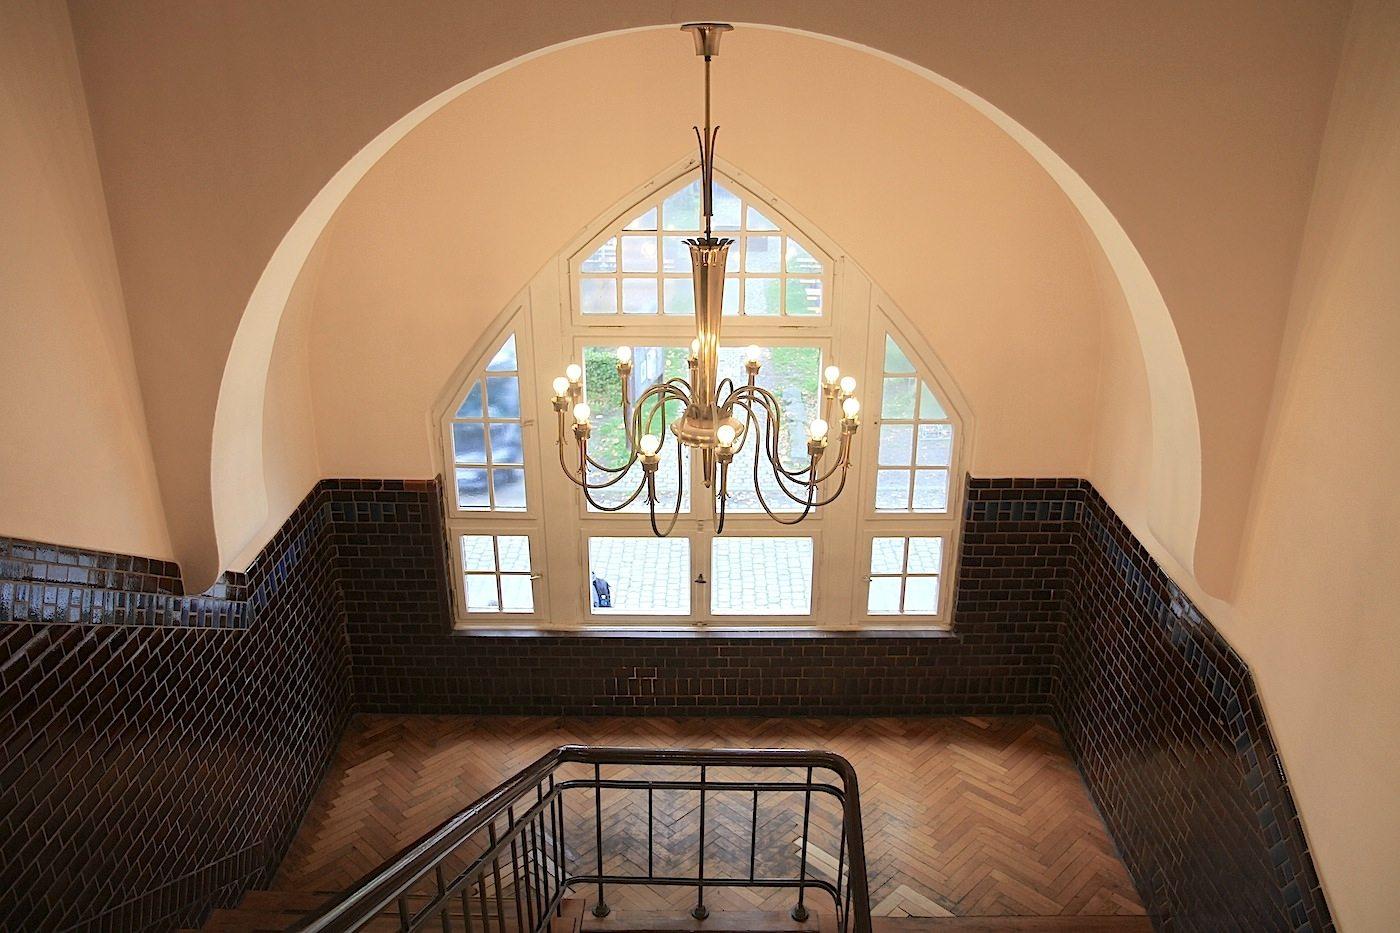 Alte Lohnhalle. The staircase